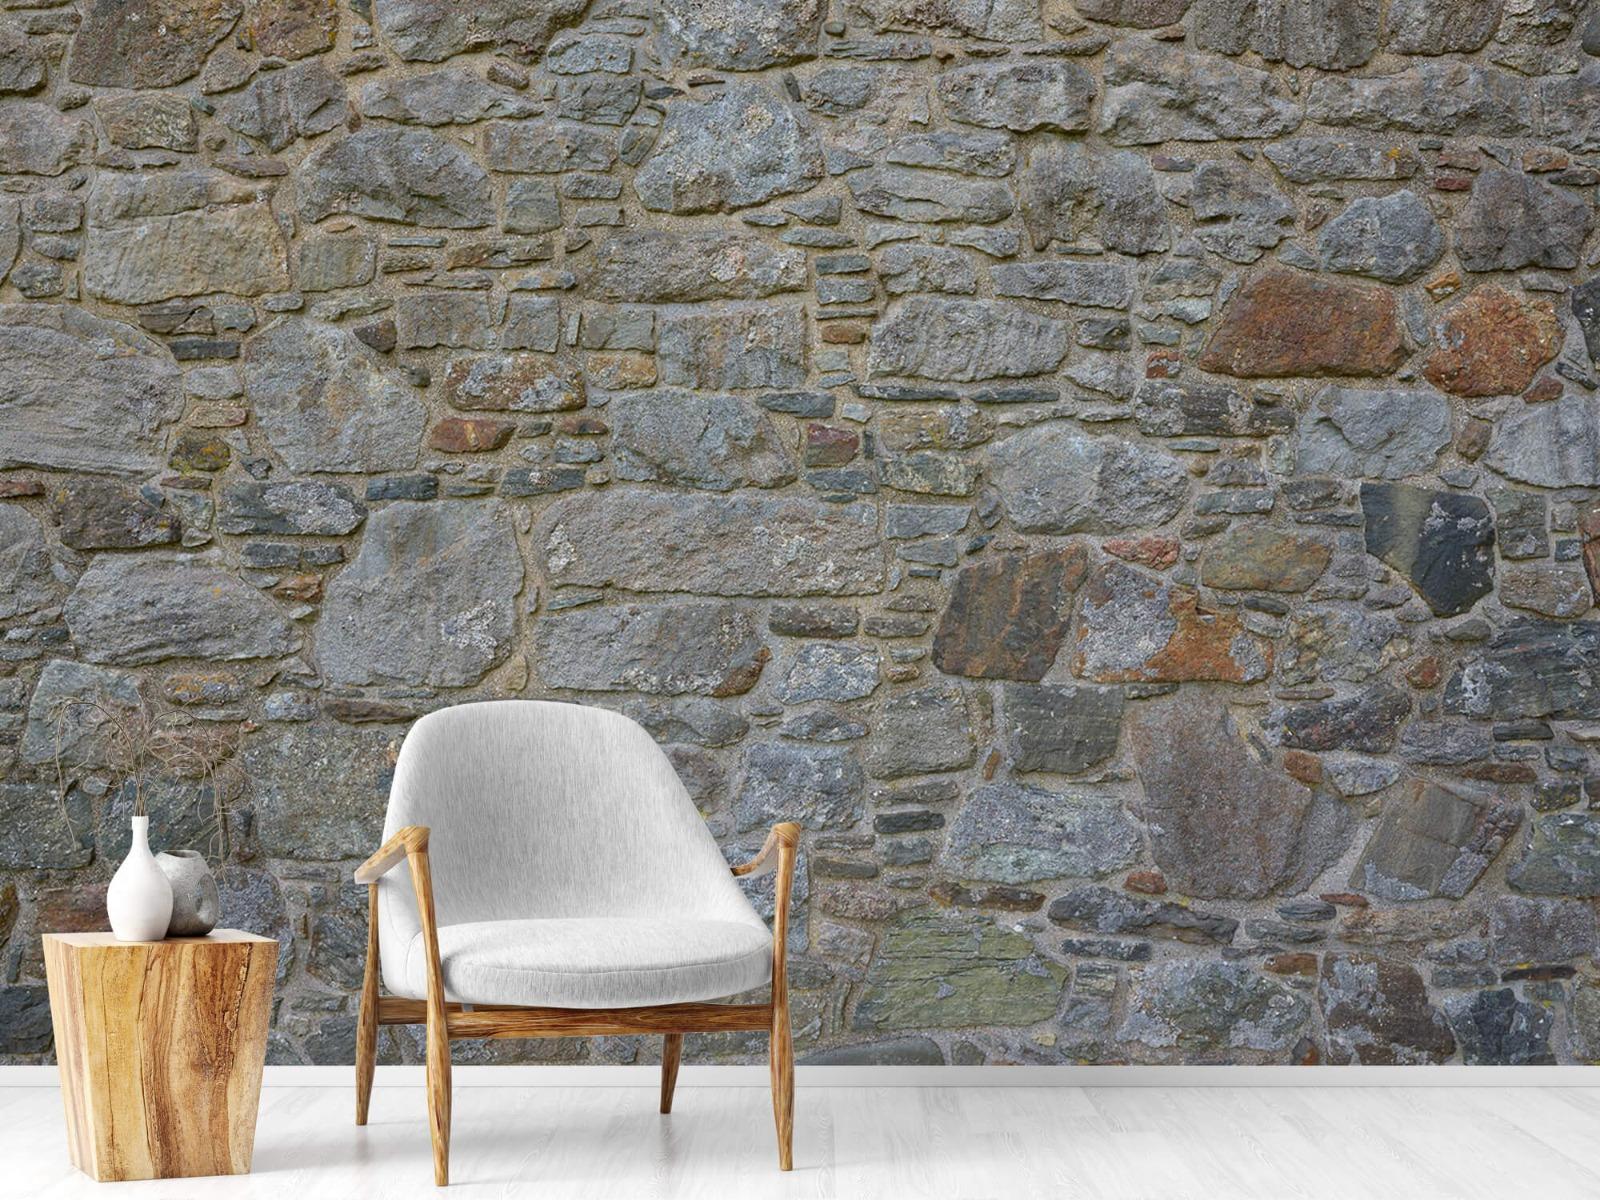 Papier peint en pierre - Mur de pierre médiéval - Chambre à coucher 19